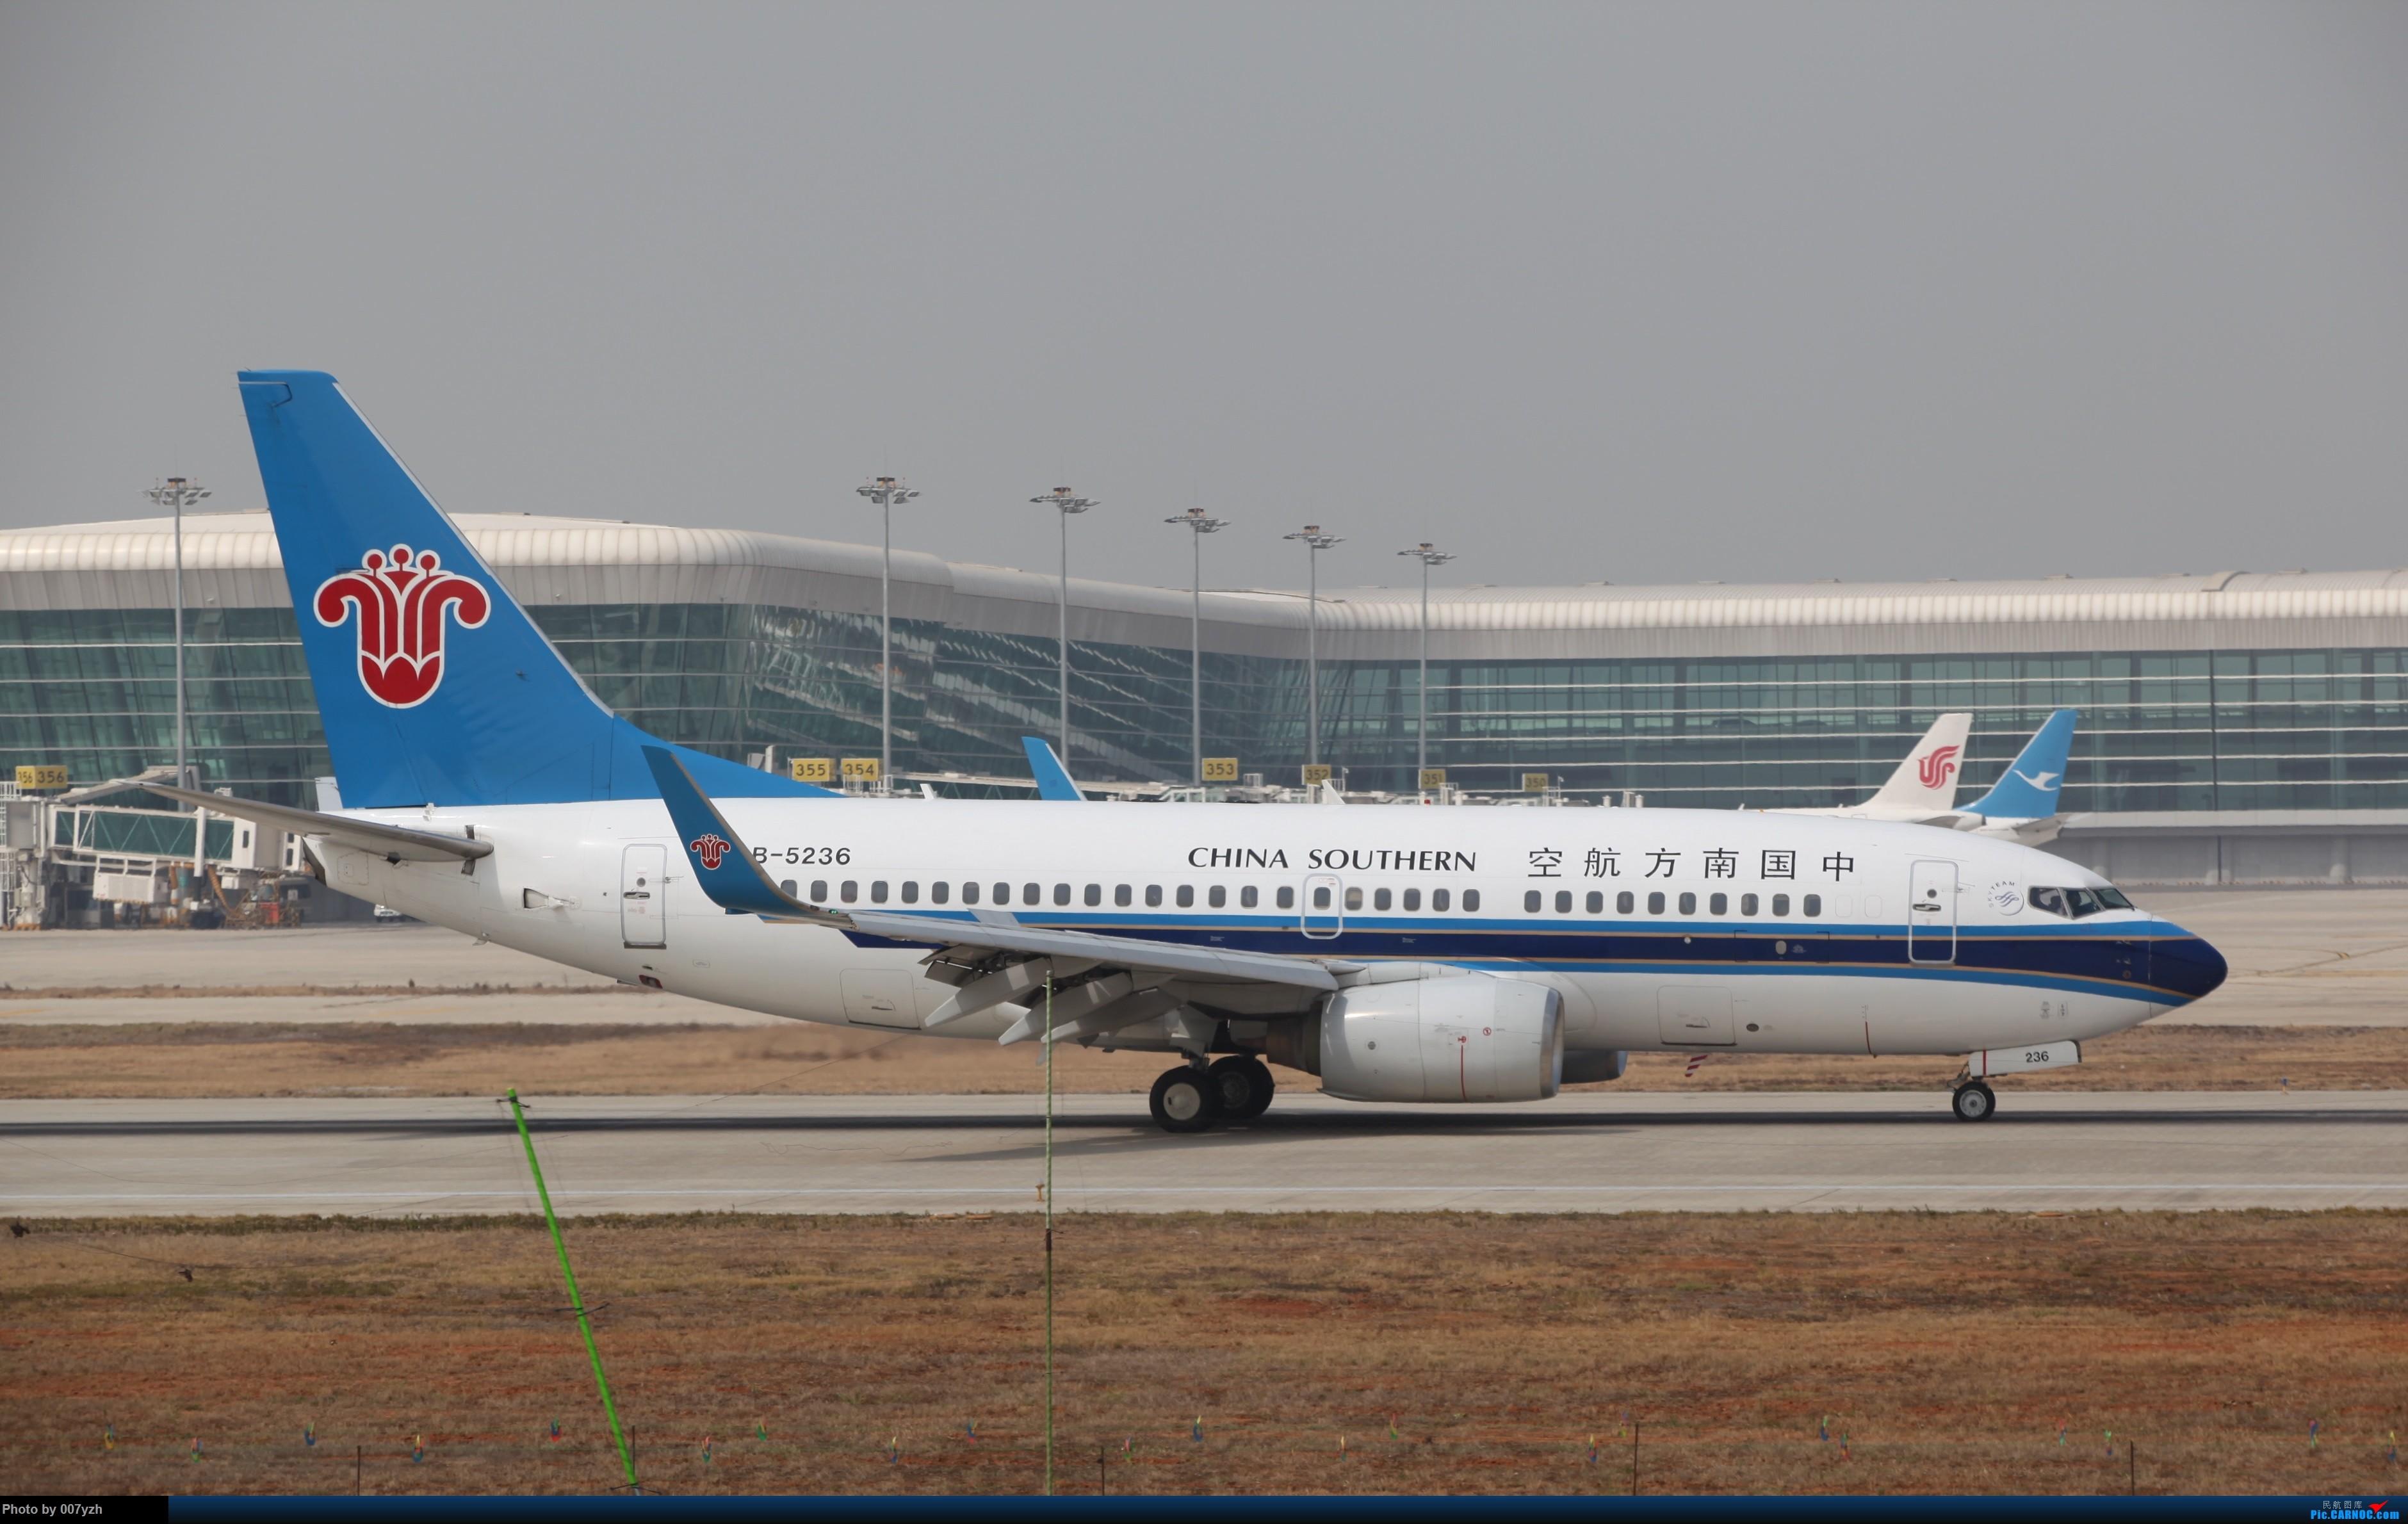 Re:[原创]WUH小拍,终于找到了在WUH拍机的组织 BOEING 737-700 B-5236 中国武汉天河国际机场